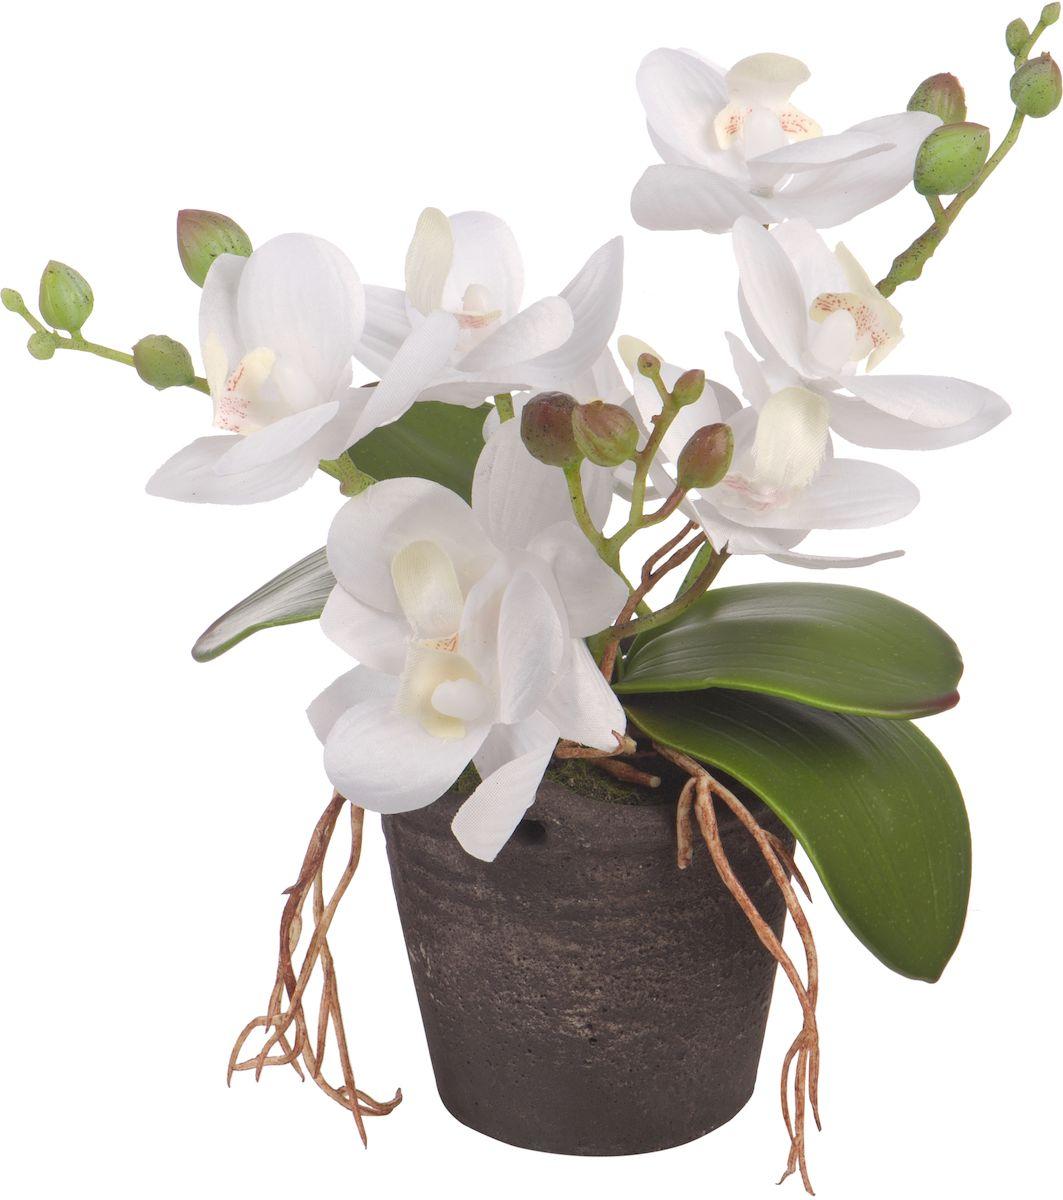 Цветы декоративные Engard Орхидея, в цветочном горшке, 18 смYW-29Искусственные цветы Engard - это популярное дизайнерское решение для создания природного колорита и гармонии в пространстве. Экзотическая орхидея в винтажном керамическом горшке высотой 18 см выполнена из высококачественного материала передающего неповторимую естественность является достойной альтернативой живым цветам. Не требует постоянного ухода.